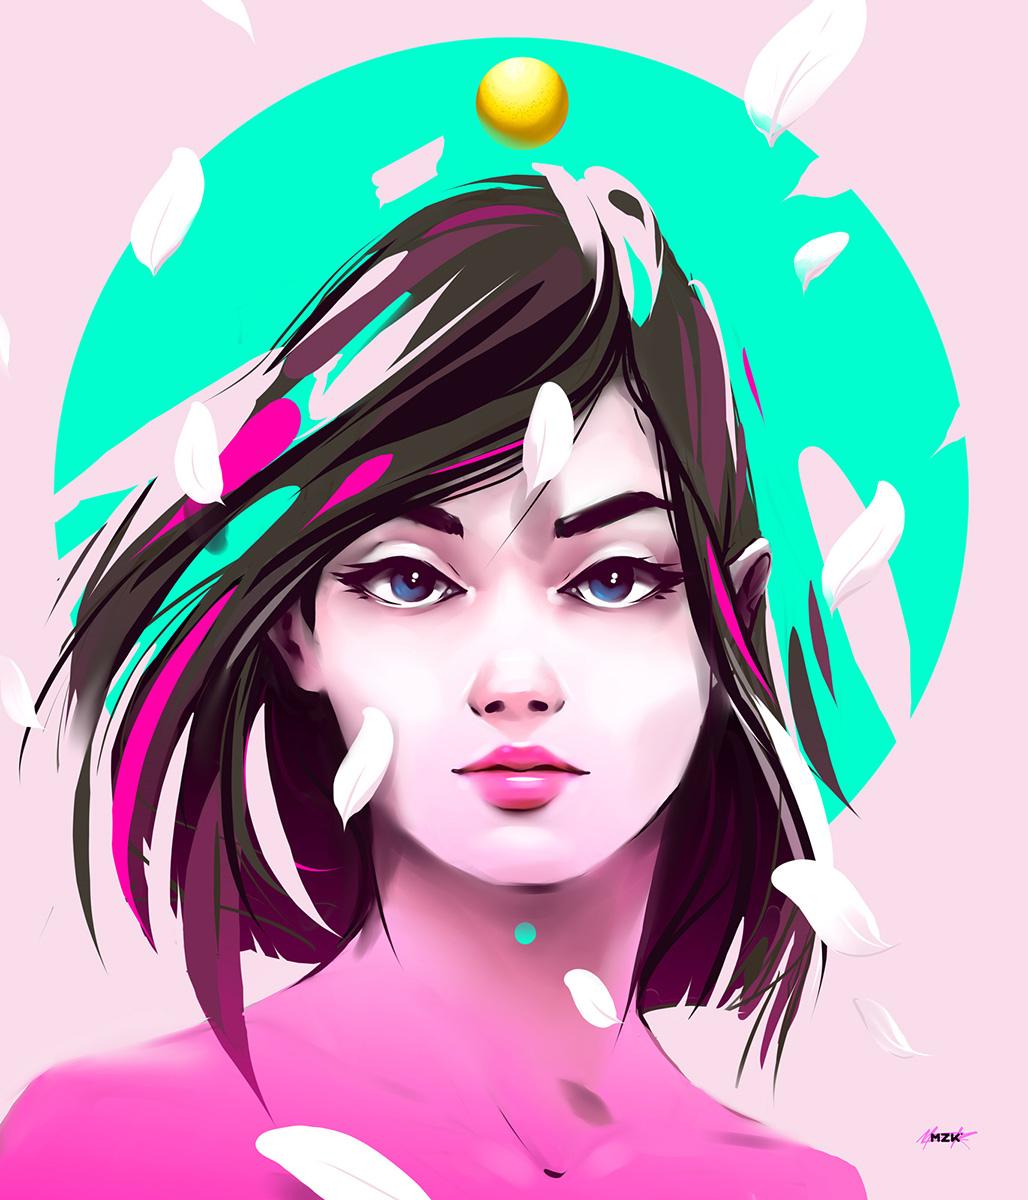 PINK-series-girl1-01